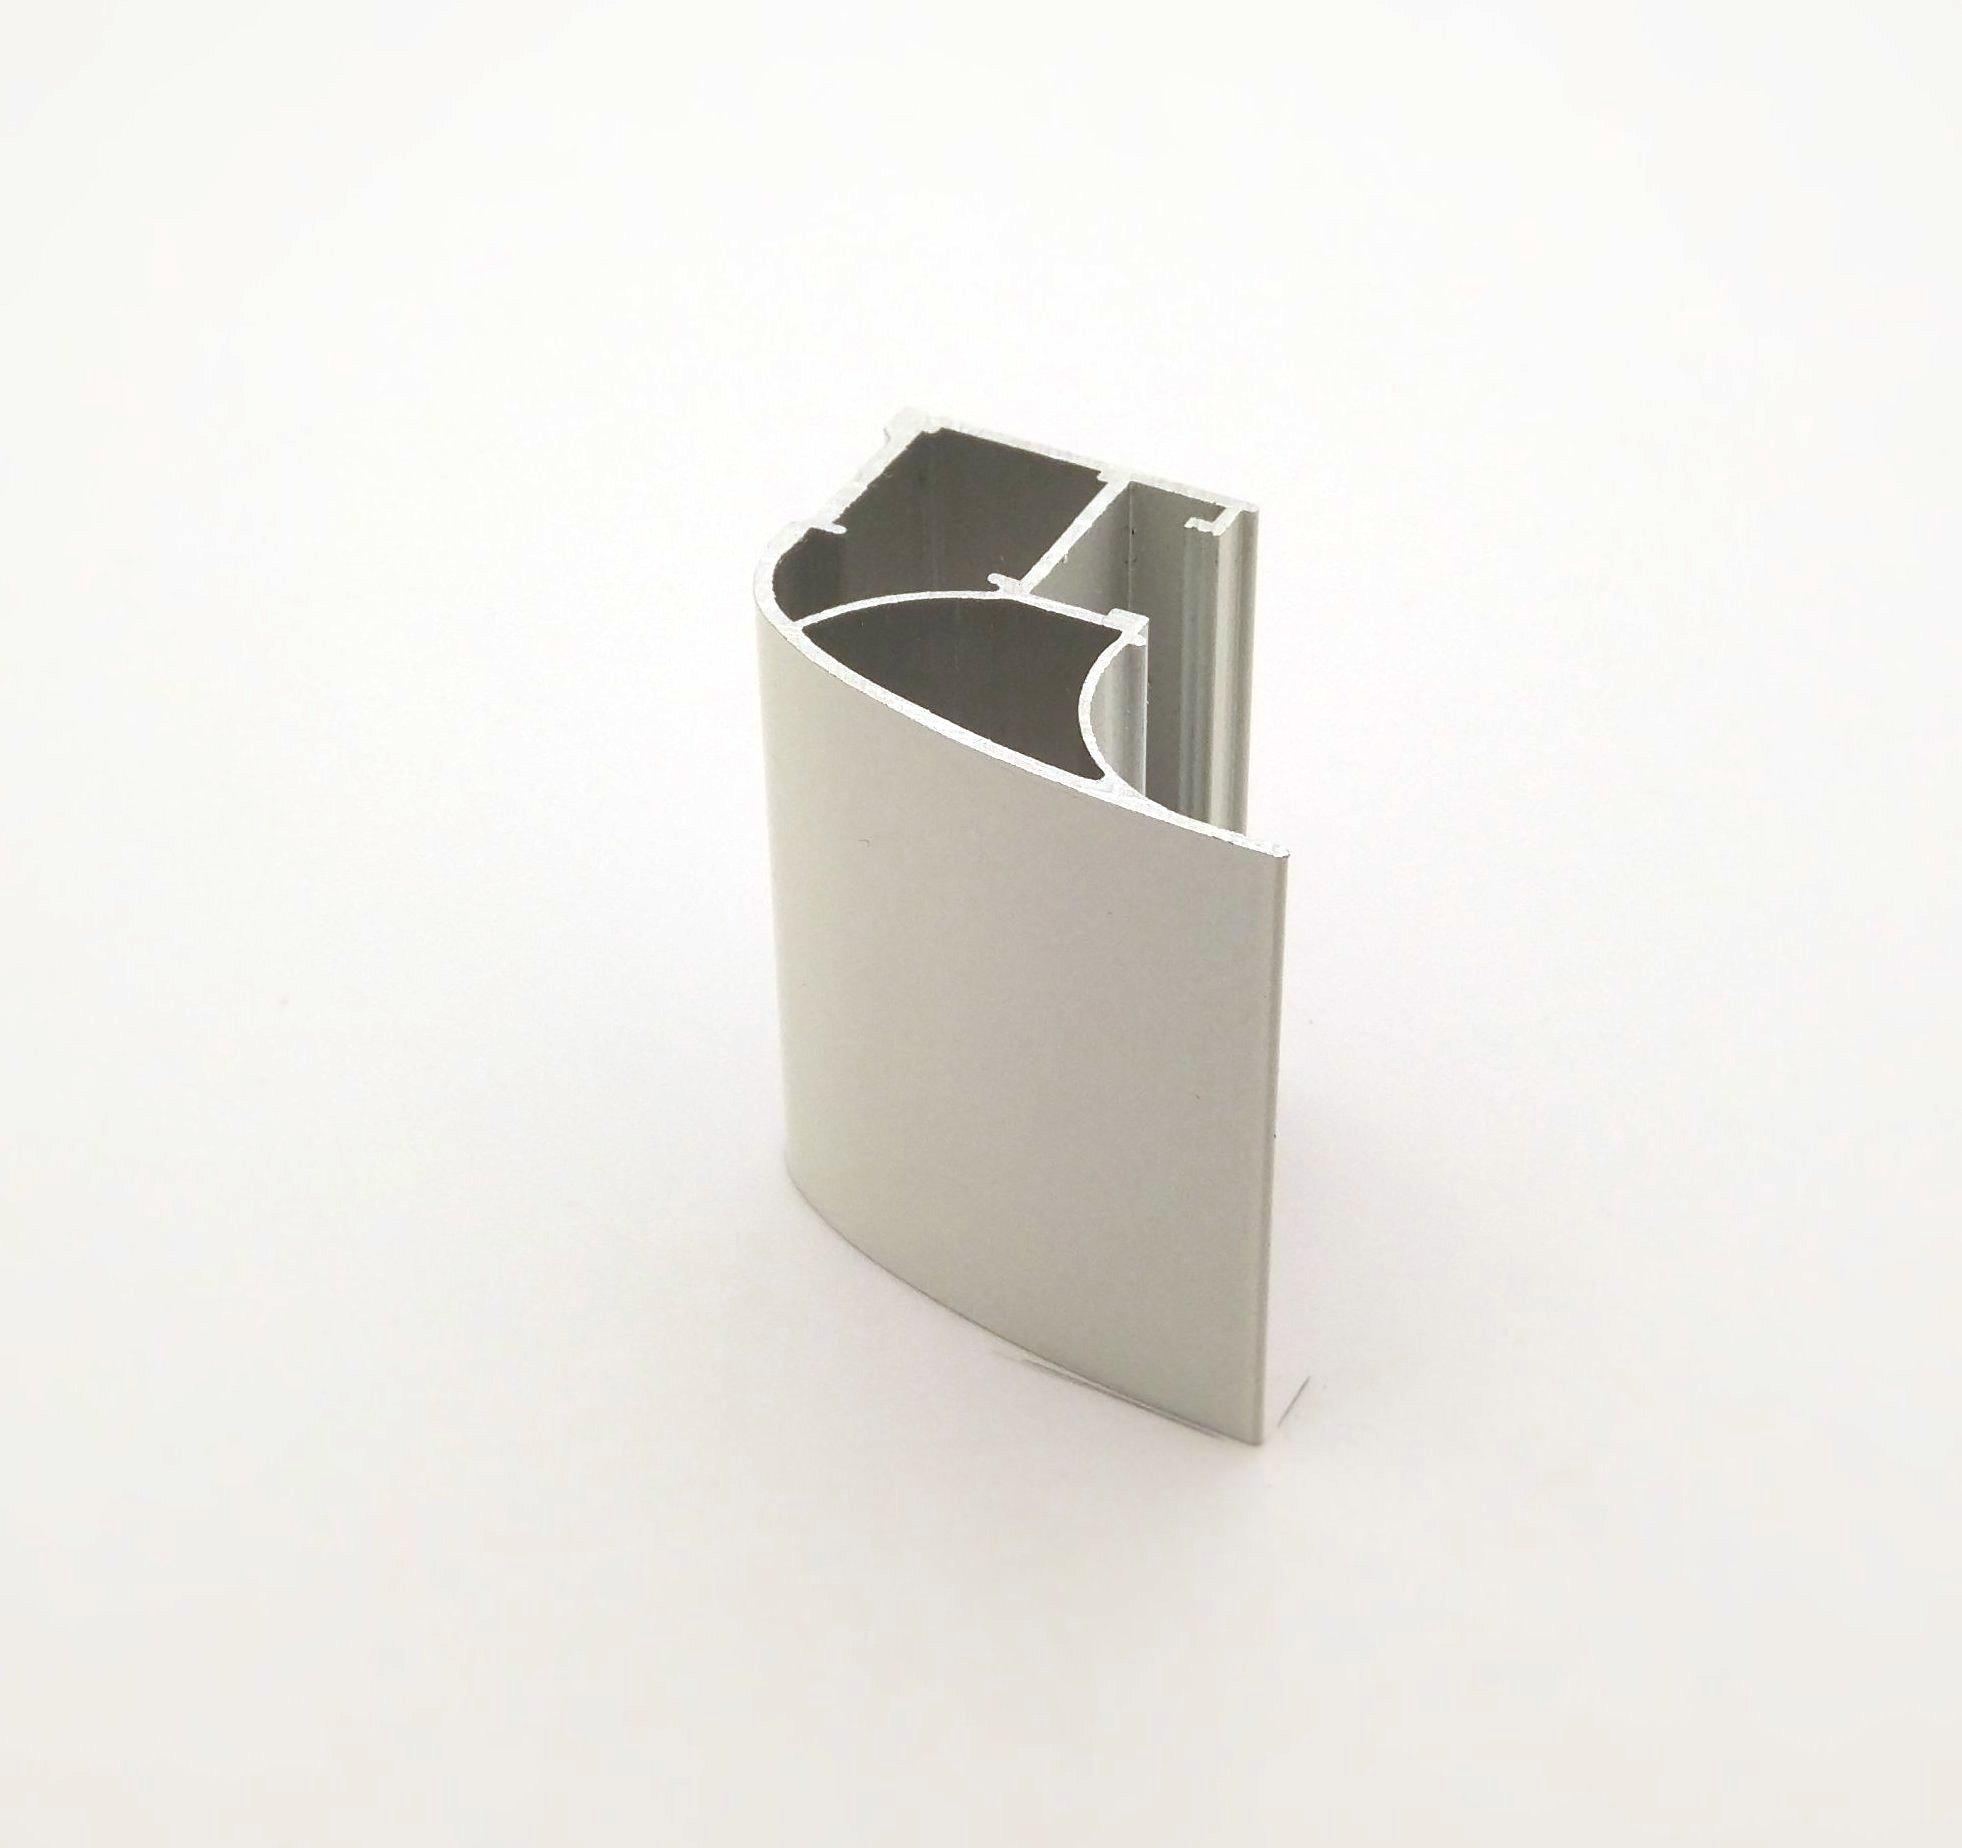 АФ Профиль вертикальный люкс 454, жемчуг, 5400мм